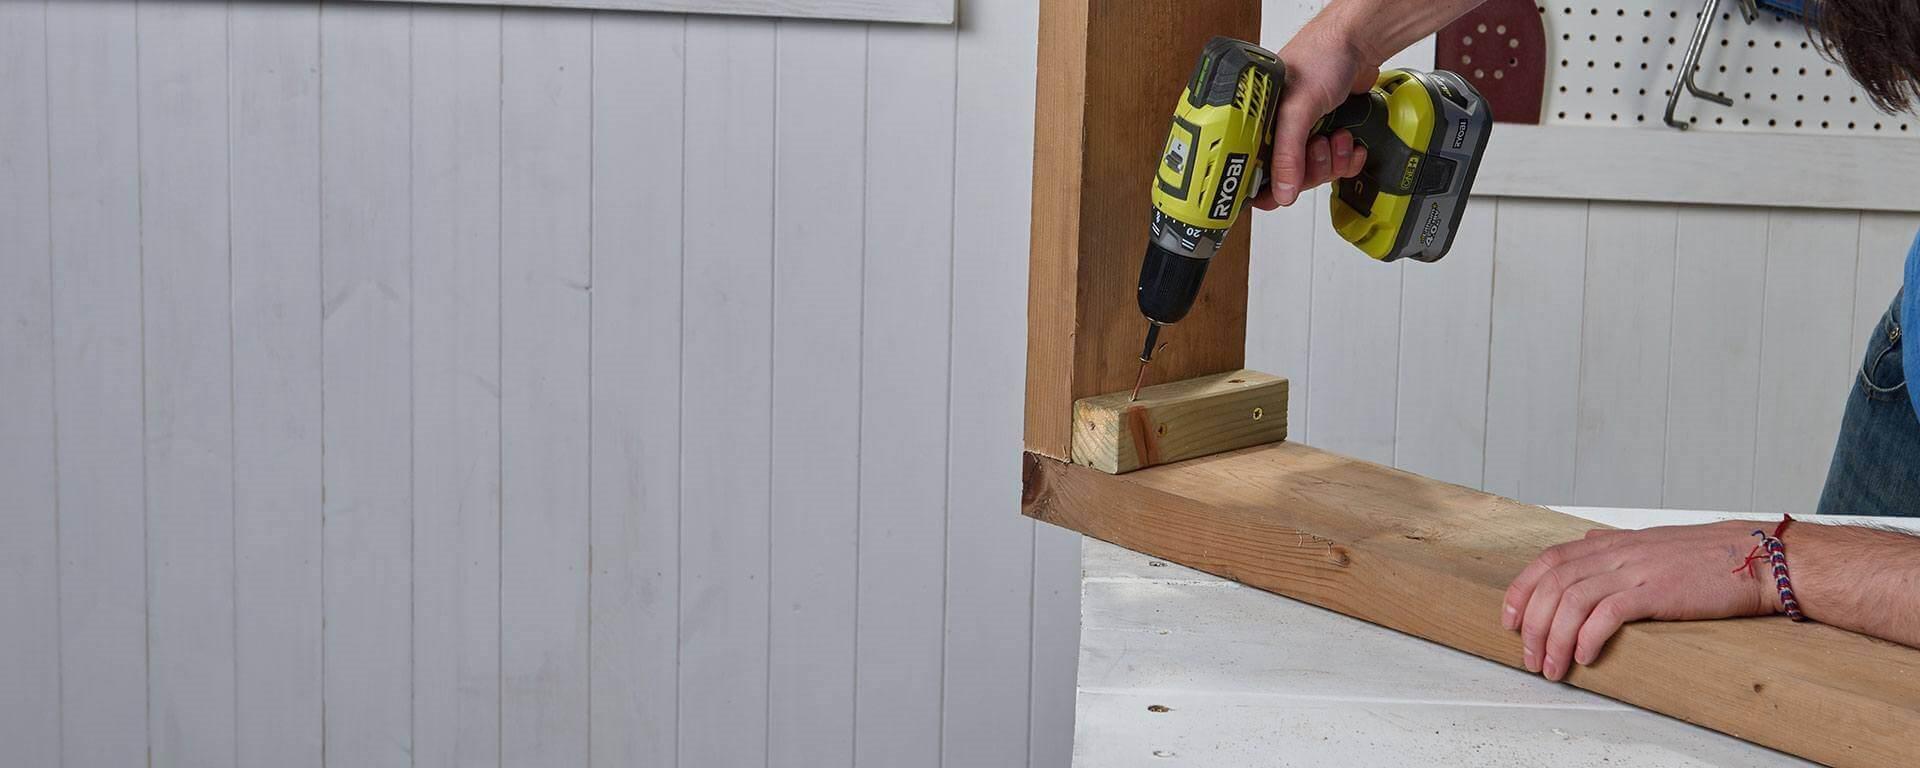 pour crer le fond de votre jardinire placez vos 5 planches de bois sur le rectangle en bois que vous venez de fabriquer laisser un peu despace entre - Fabriquer Une Jardiniere En Bois